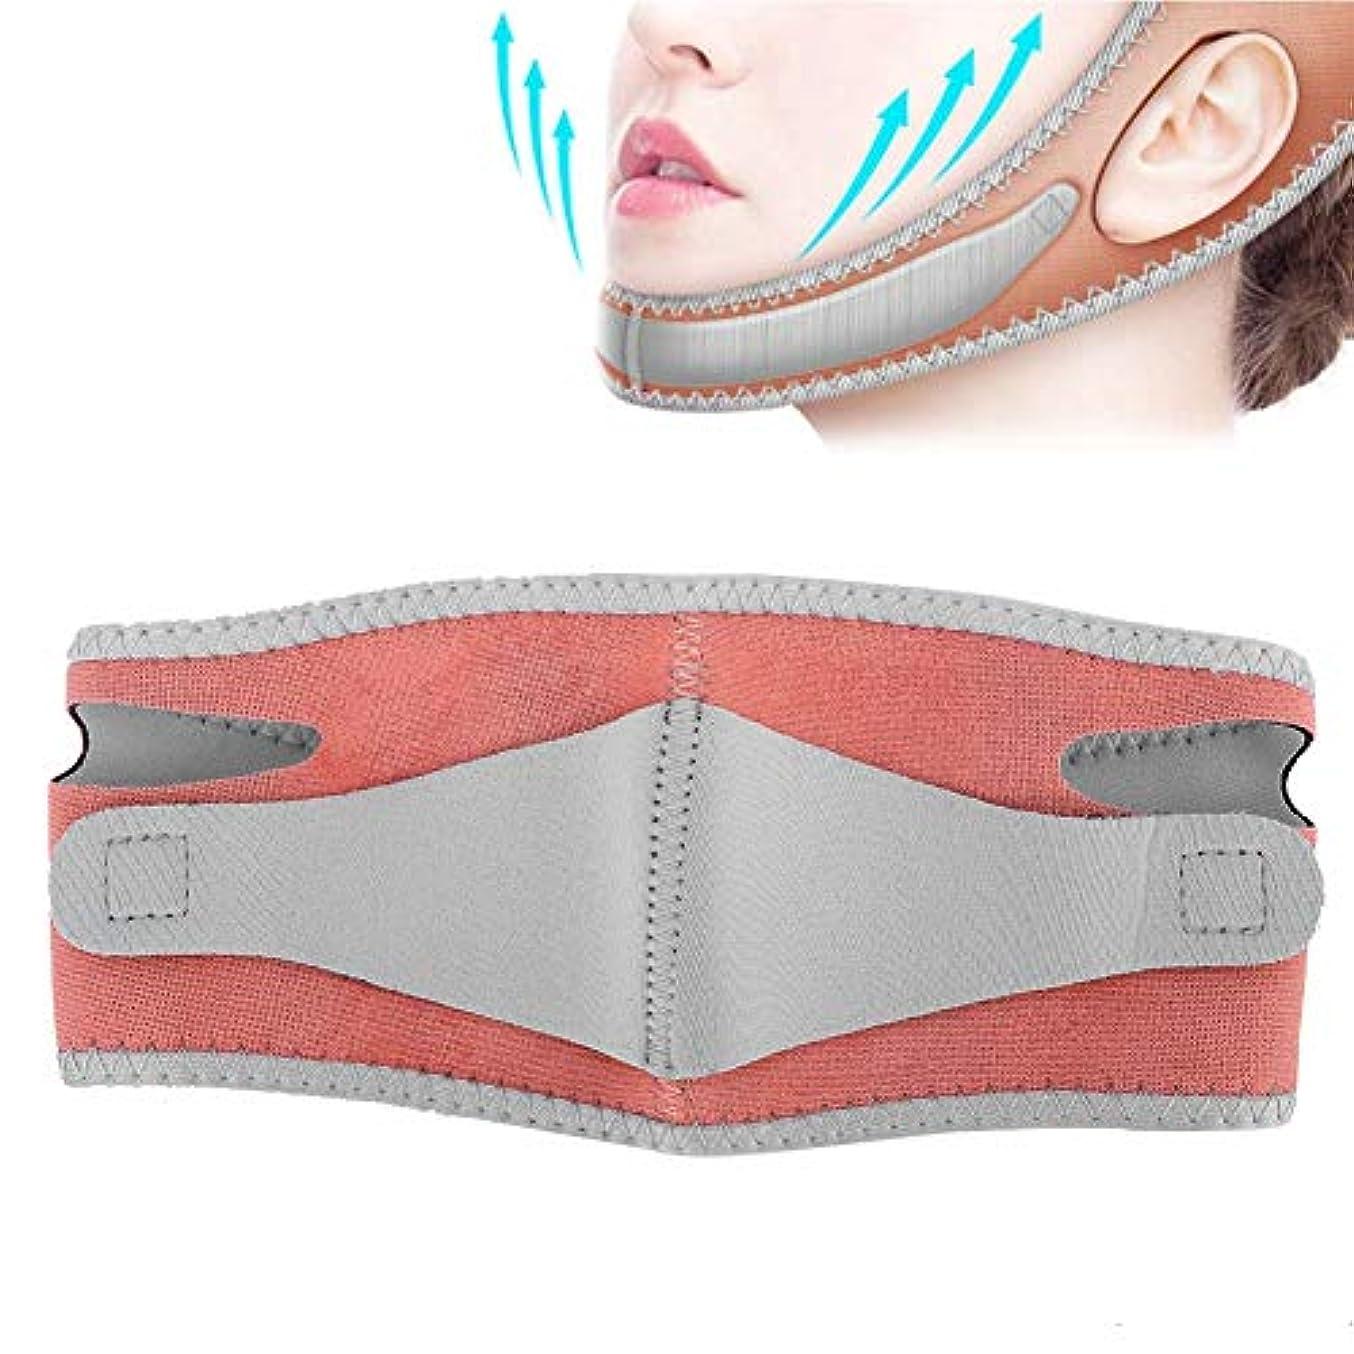 固体燃やす未使用薄い顔包帯顔、Vフェイスラインスリムダブルチンチークスリムリフトアップ引き締まった肌防止マスクあなたが顔の肌を引き締めるのに役立ちます